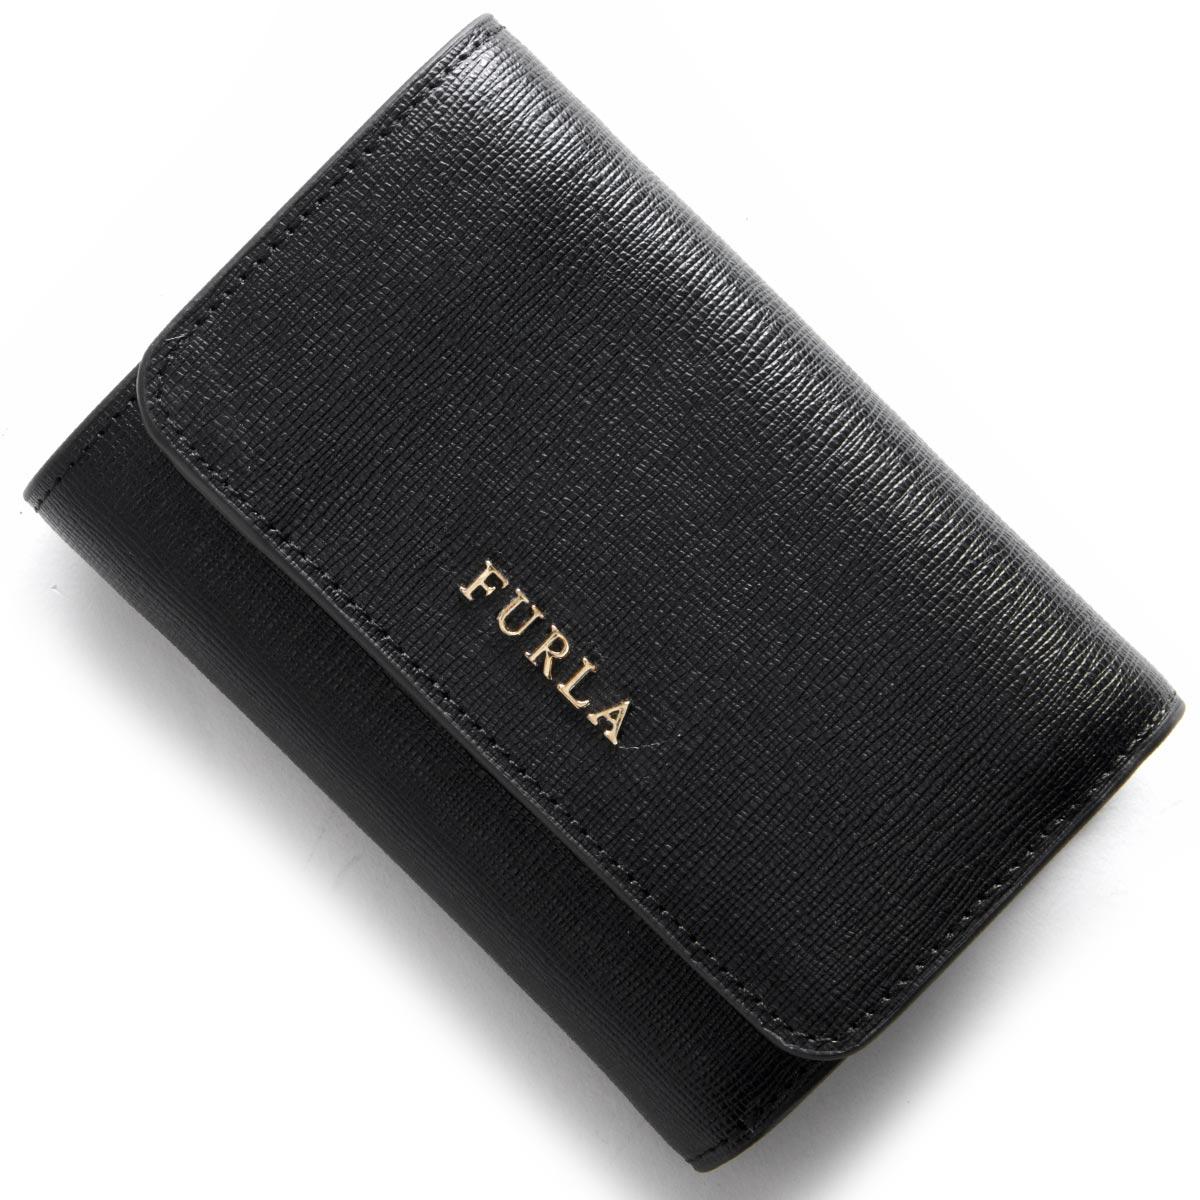 フルラ 三つ折り財布 財布 レディース バビロン BABYLON ブラック PR76 B30 O60 872817 FURLA